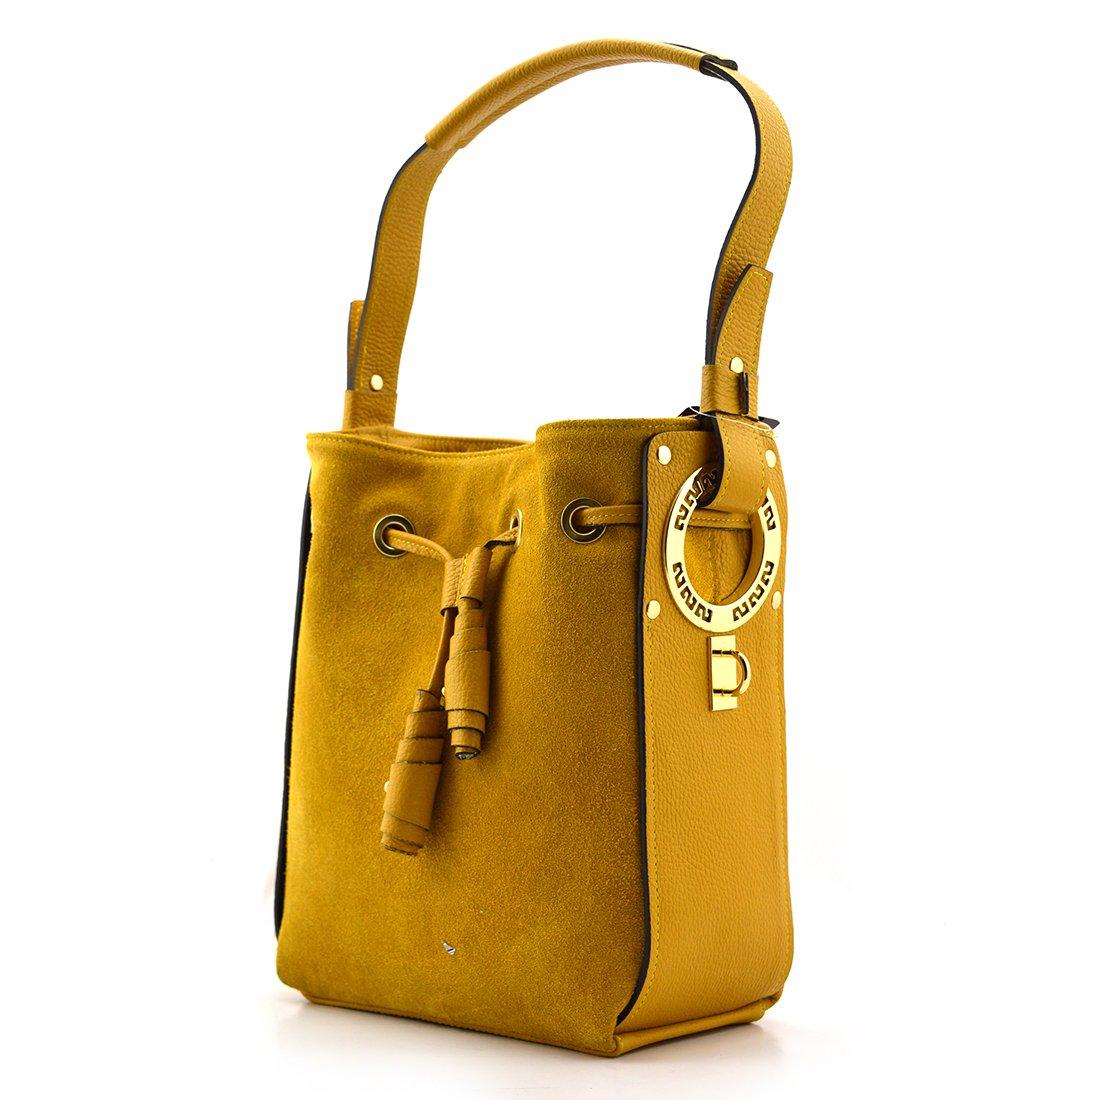 15f20674fb55d Torebka skórzana vp870 żółty - Zamsz naturalny   żółty - Kup teraz Online